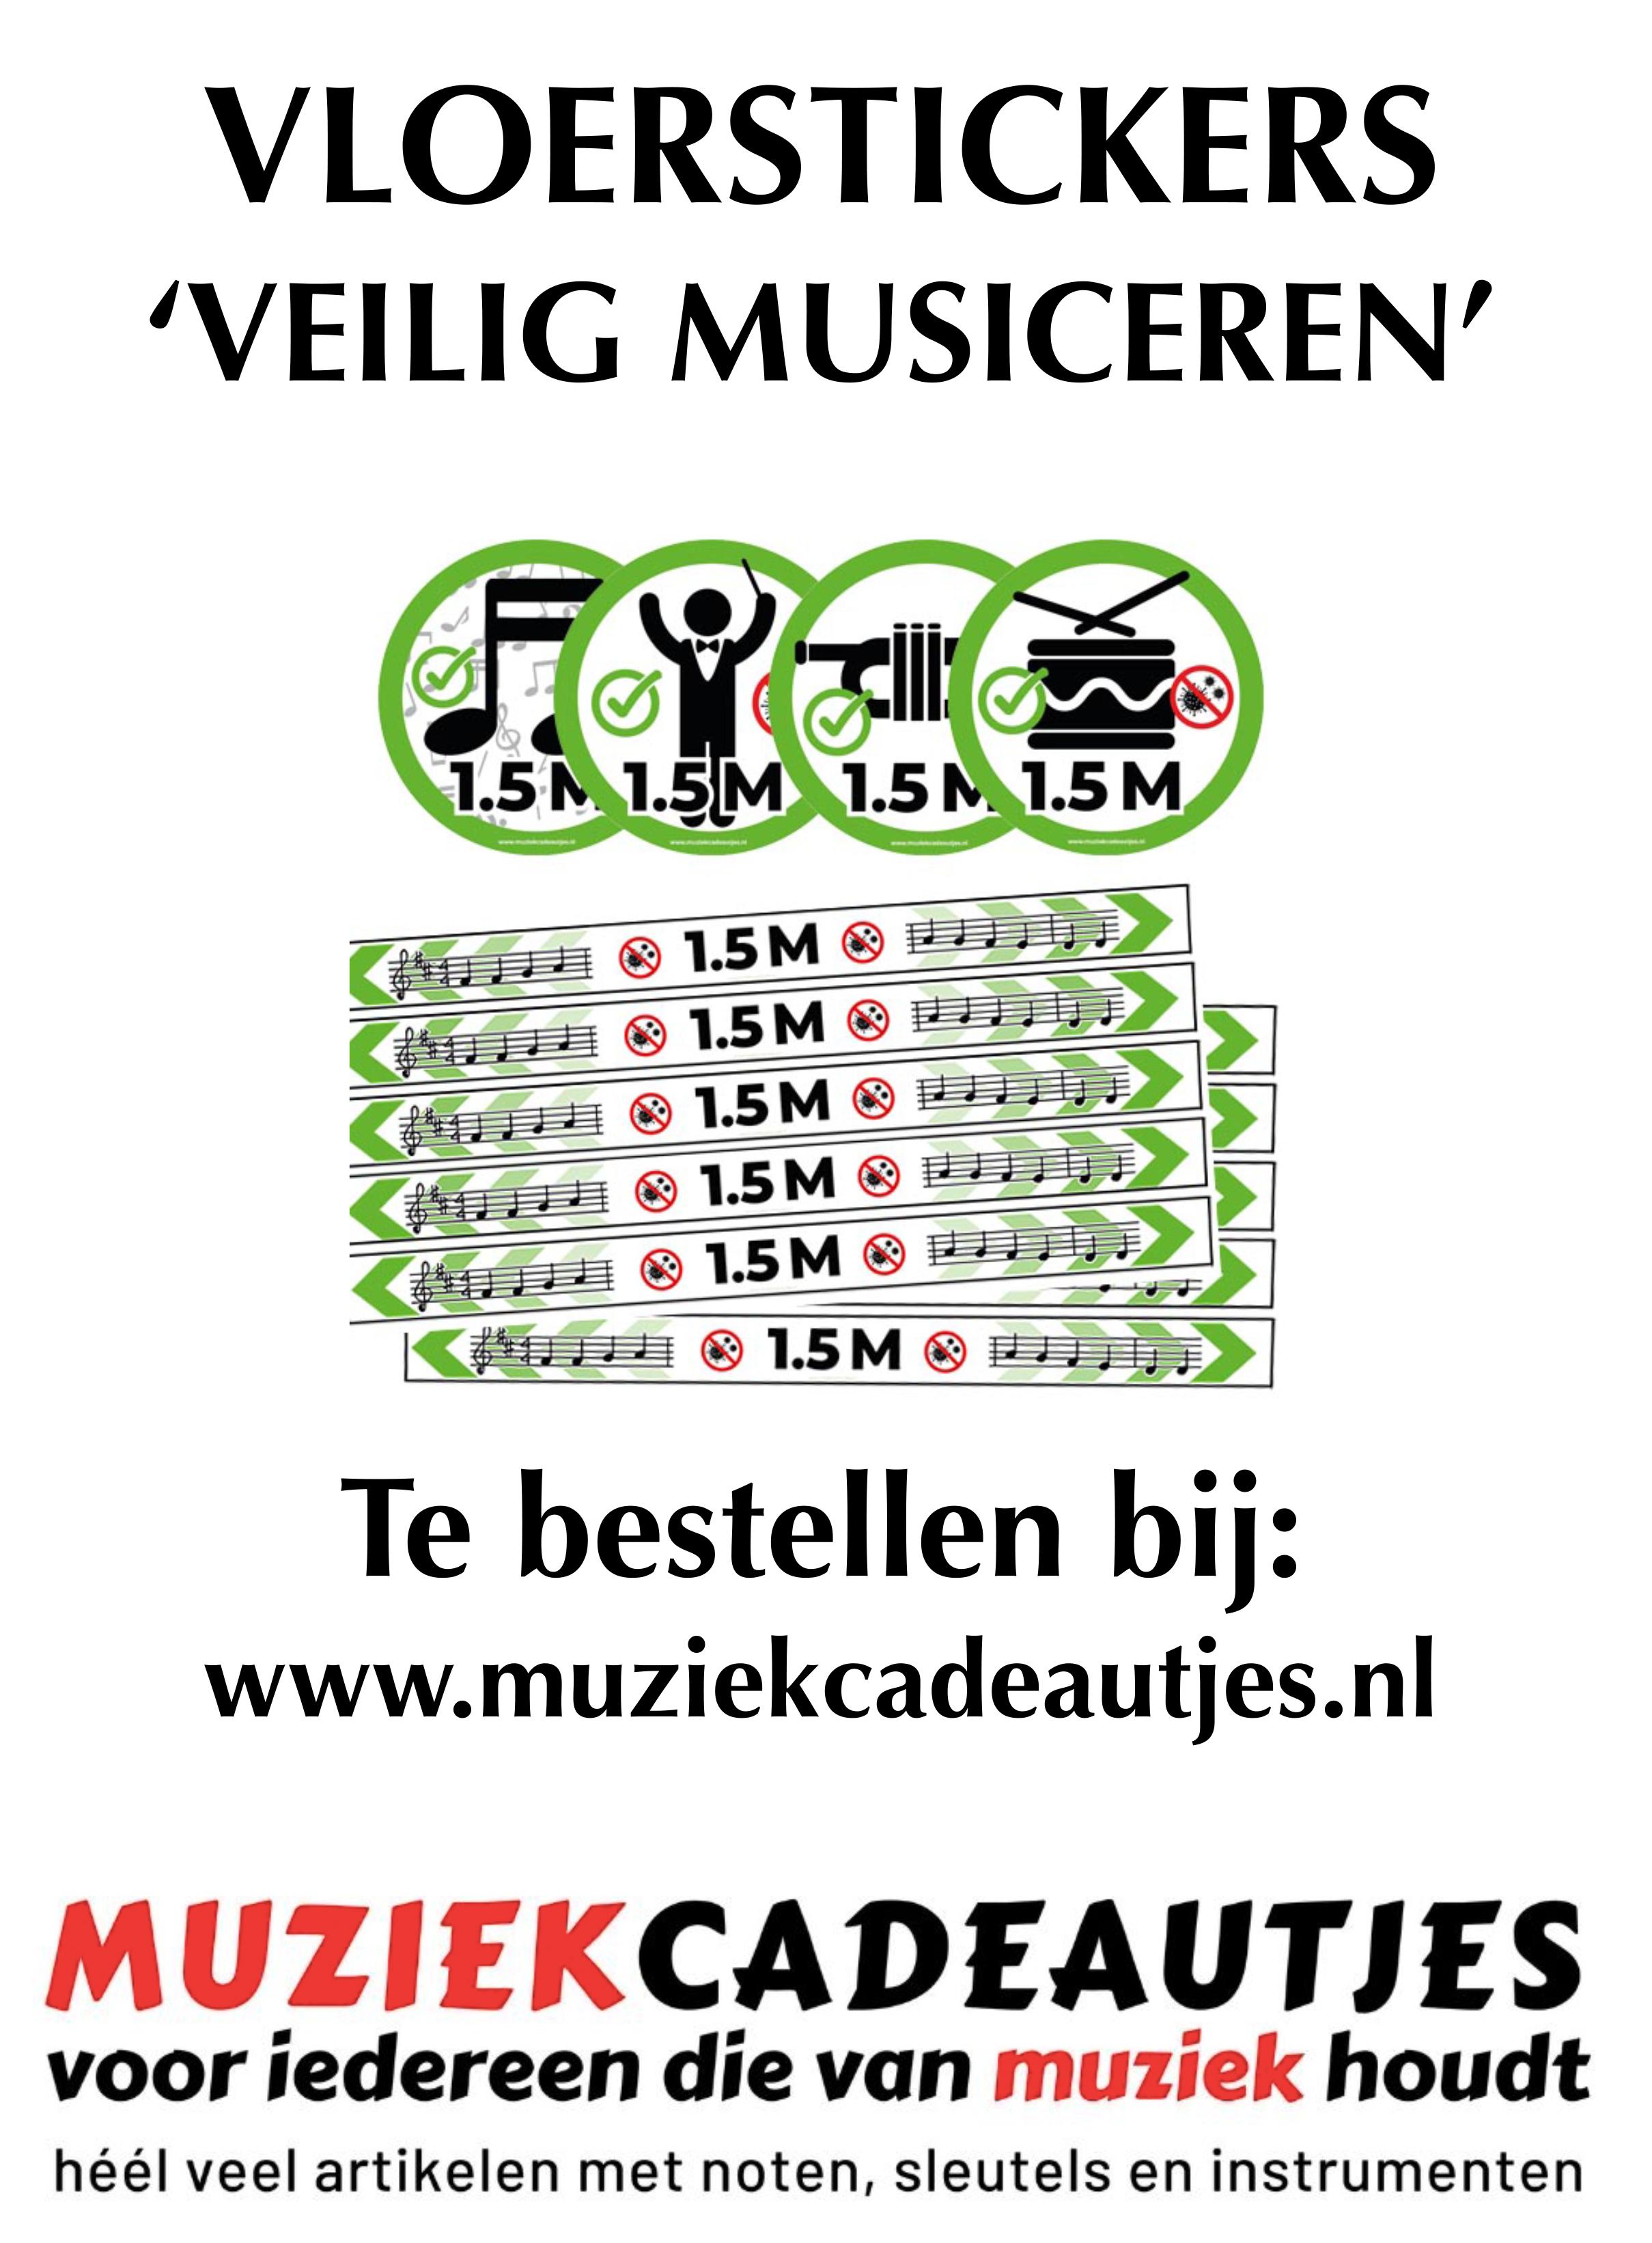 Muziekcadeautjes